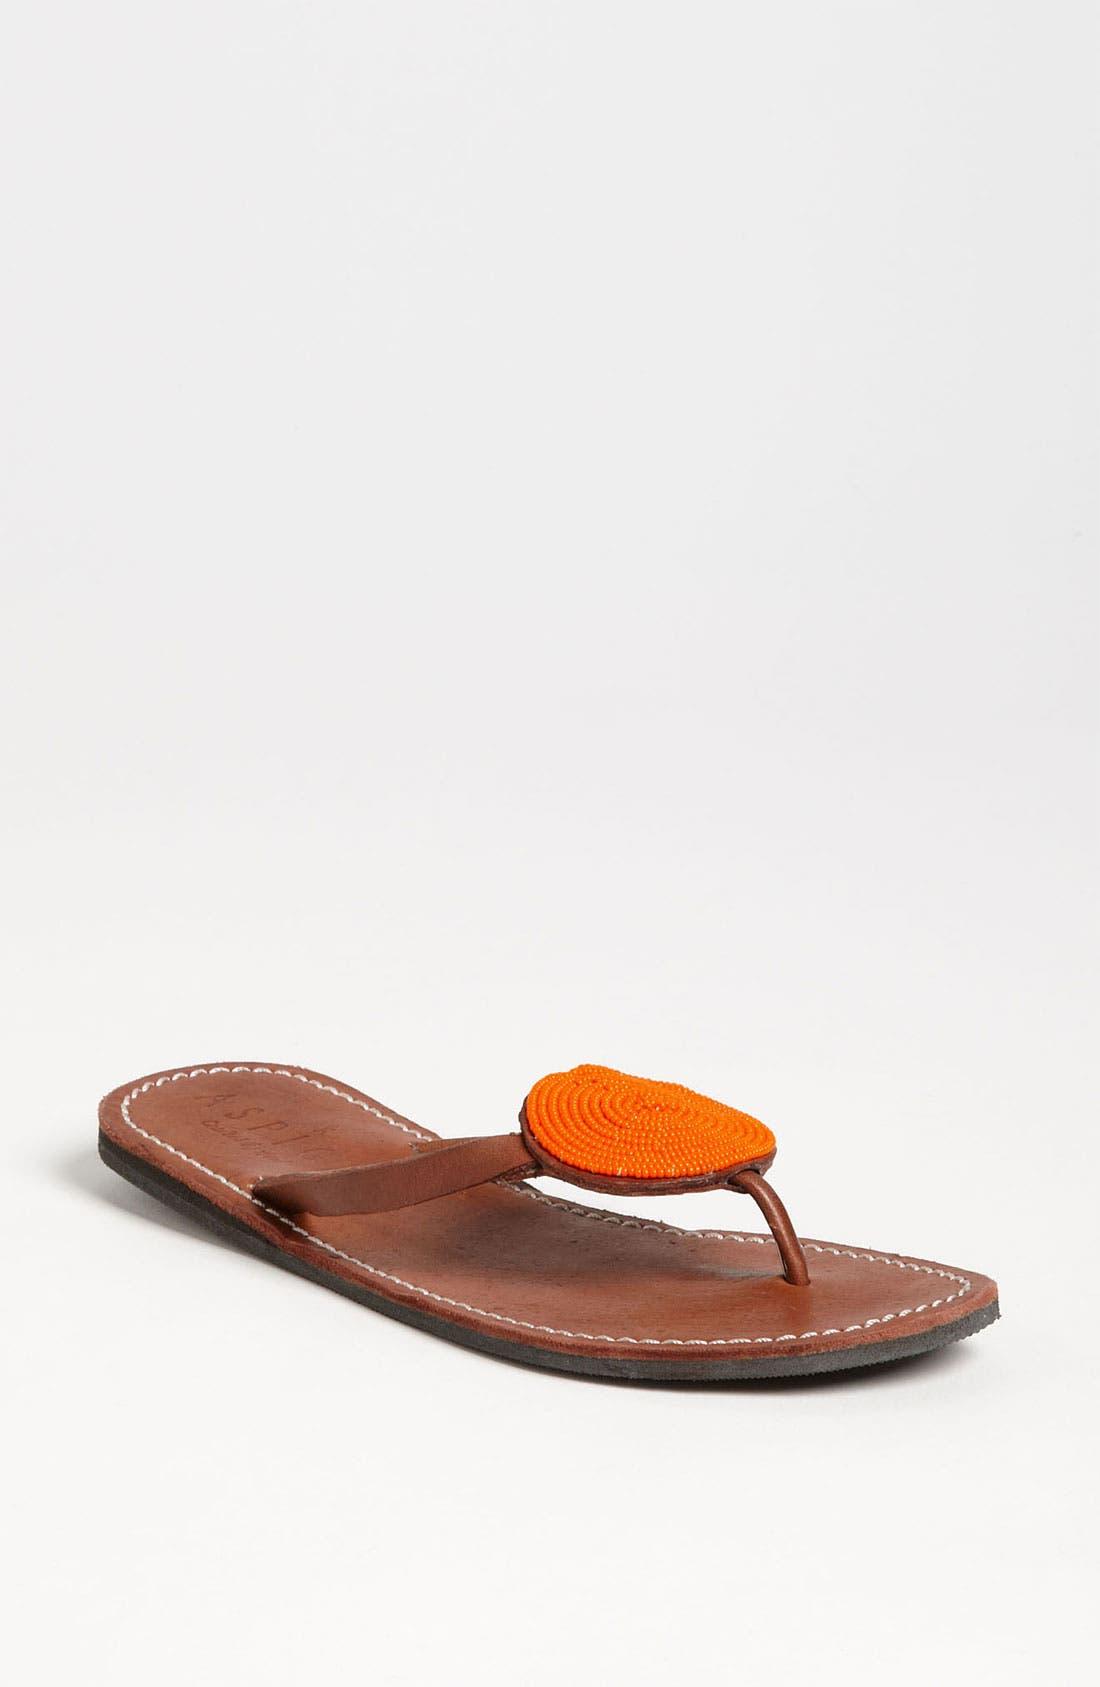 Alternate Image 1 Selected - Aspiga Disc Sandal